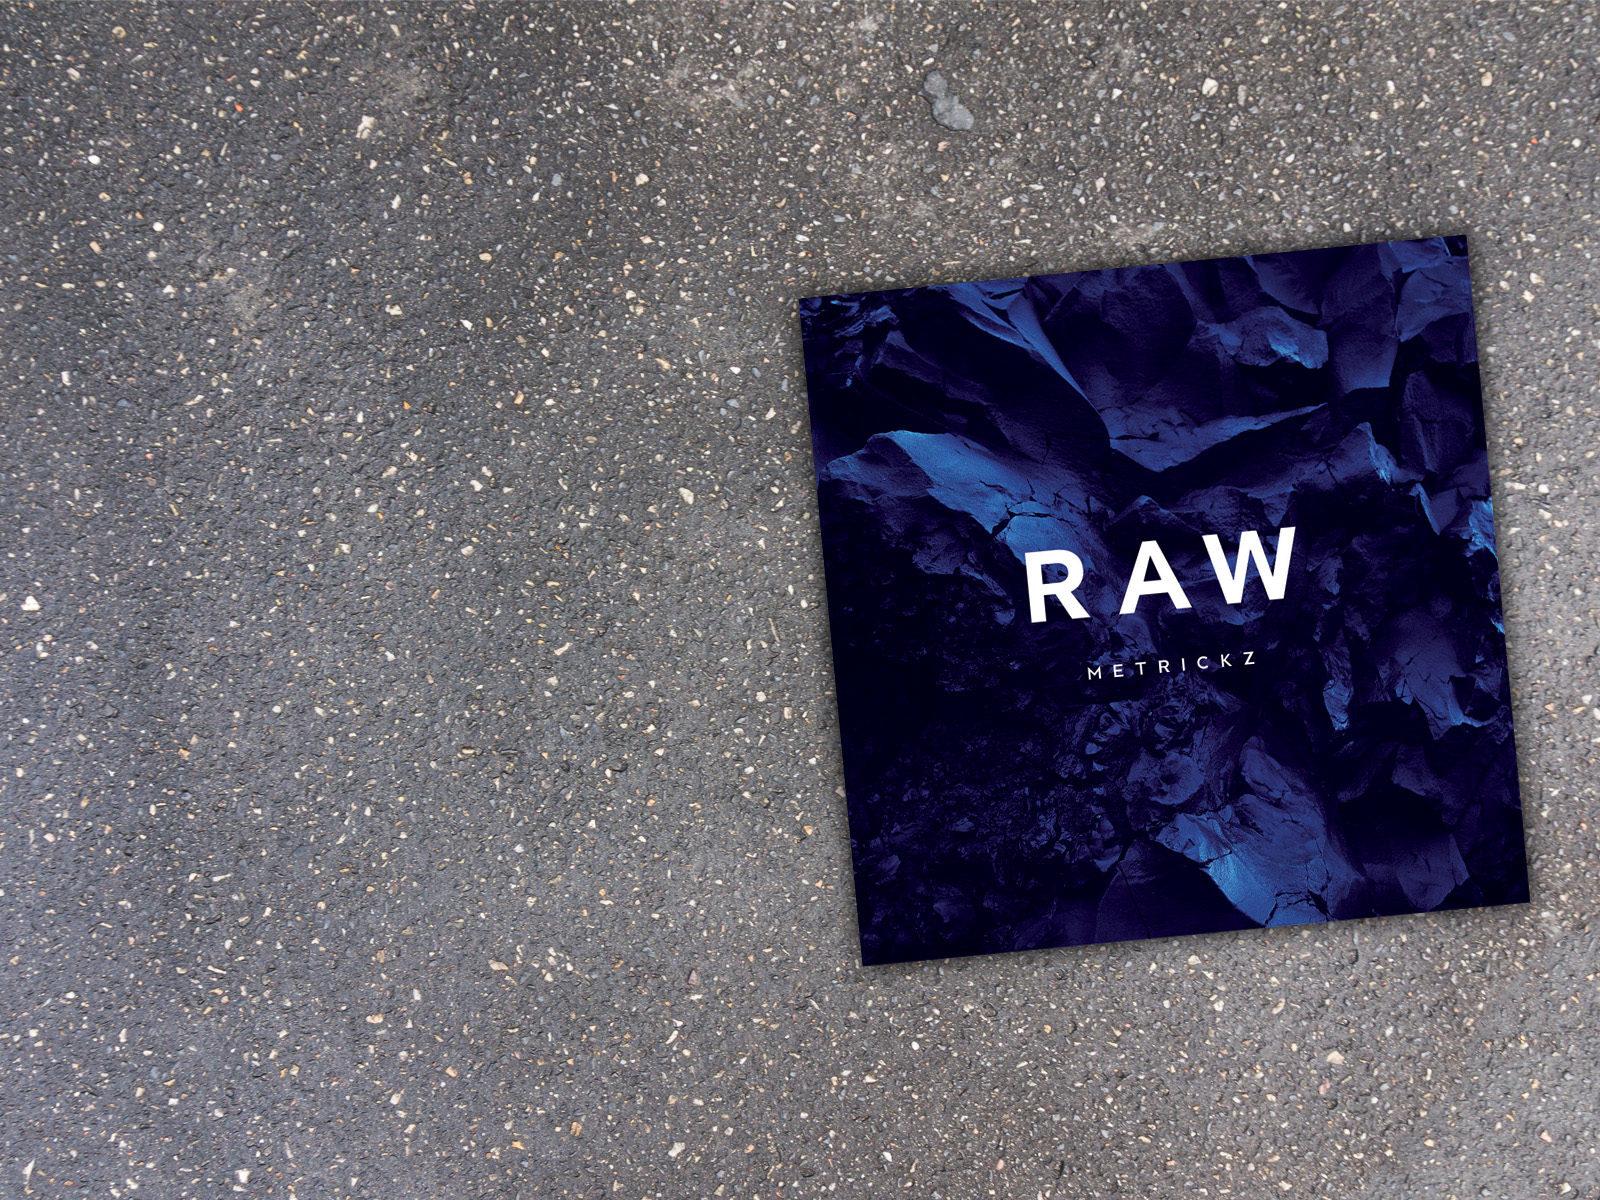 Metrickz Raw Reingeh 246 Rt